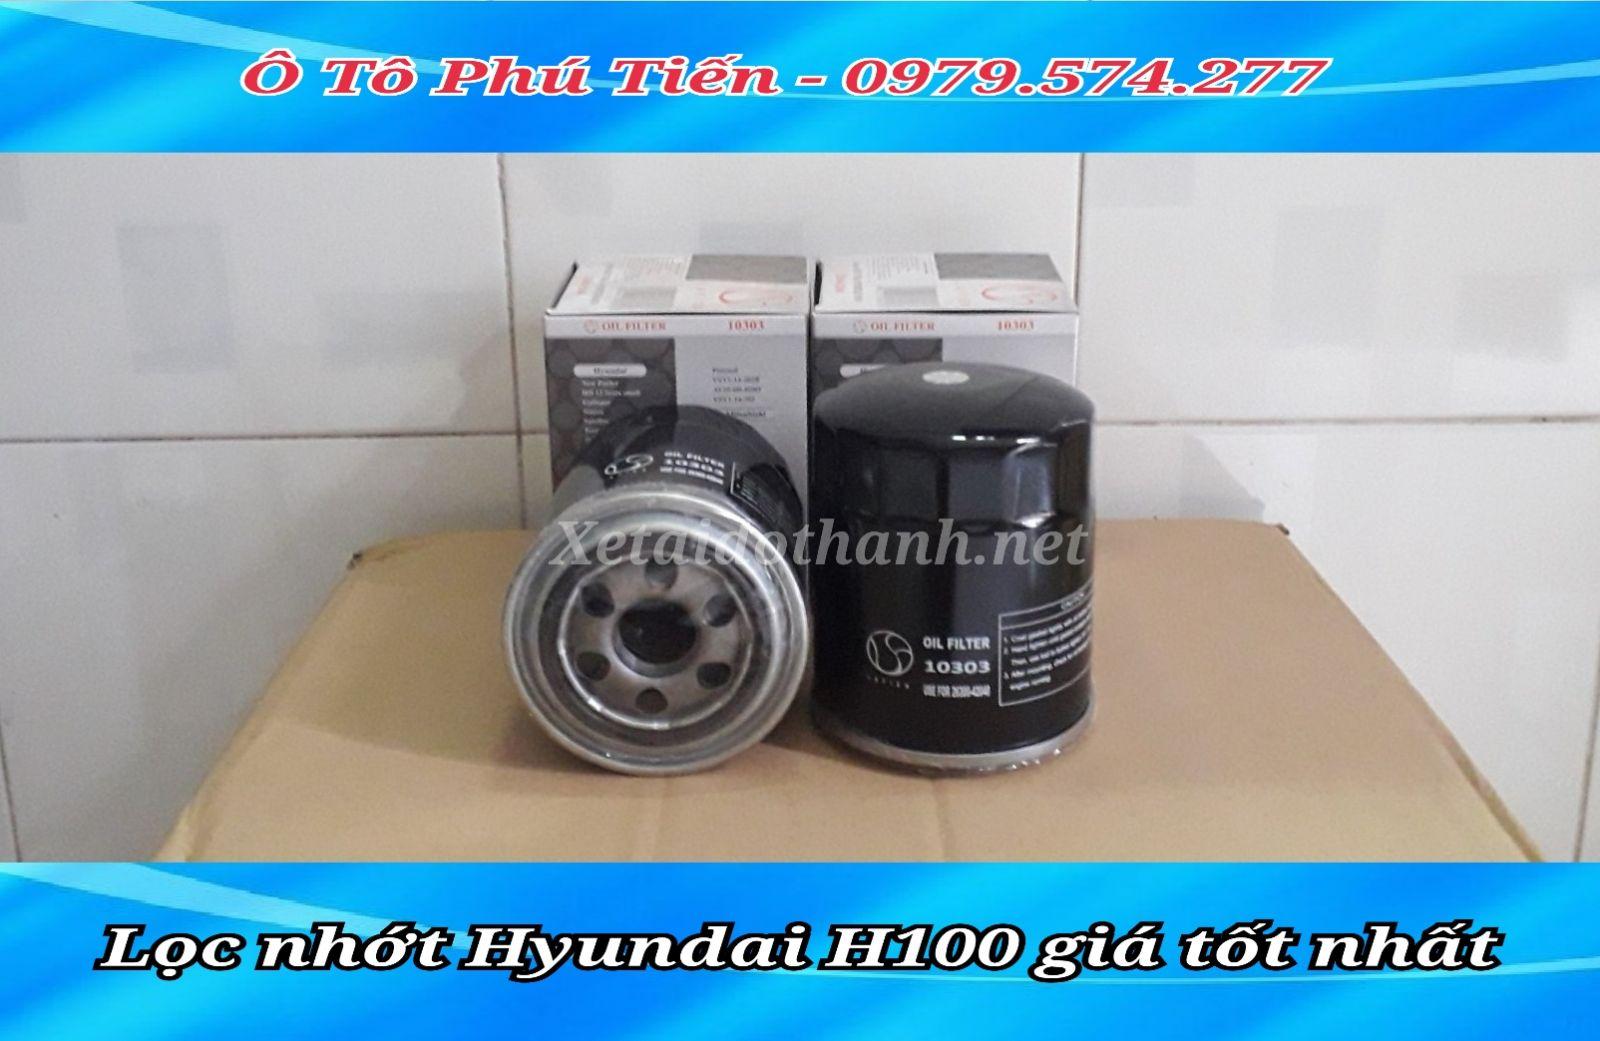 Lọc nhớt Hyundai 1 tấn H100 chất lượng cao